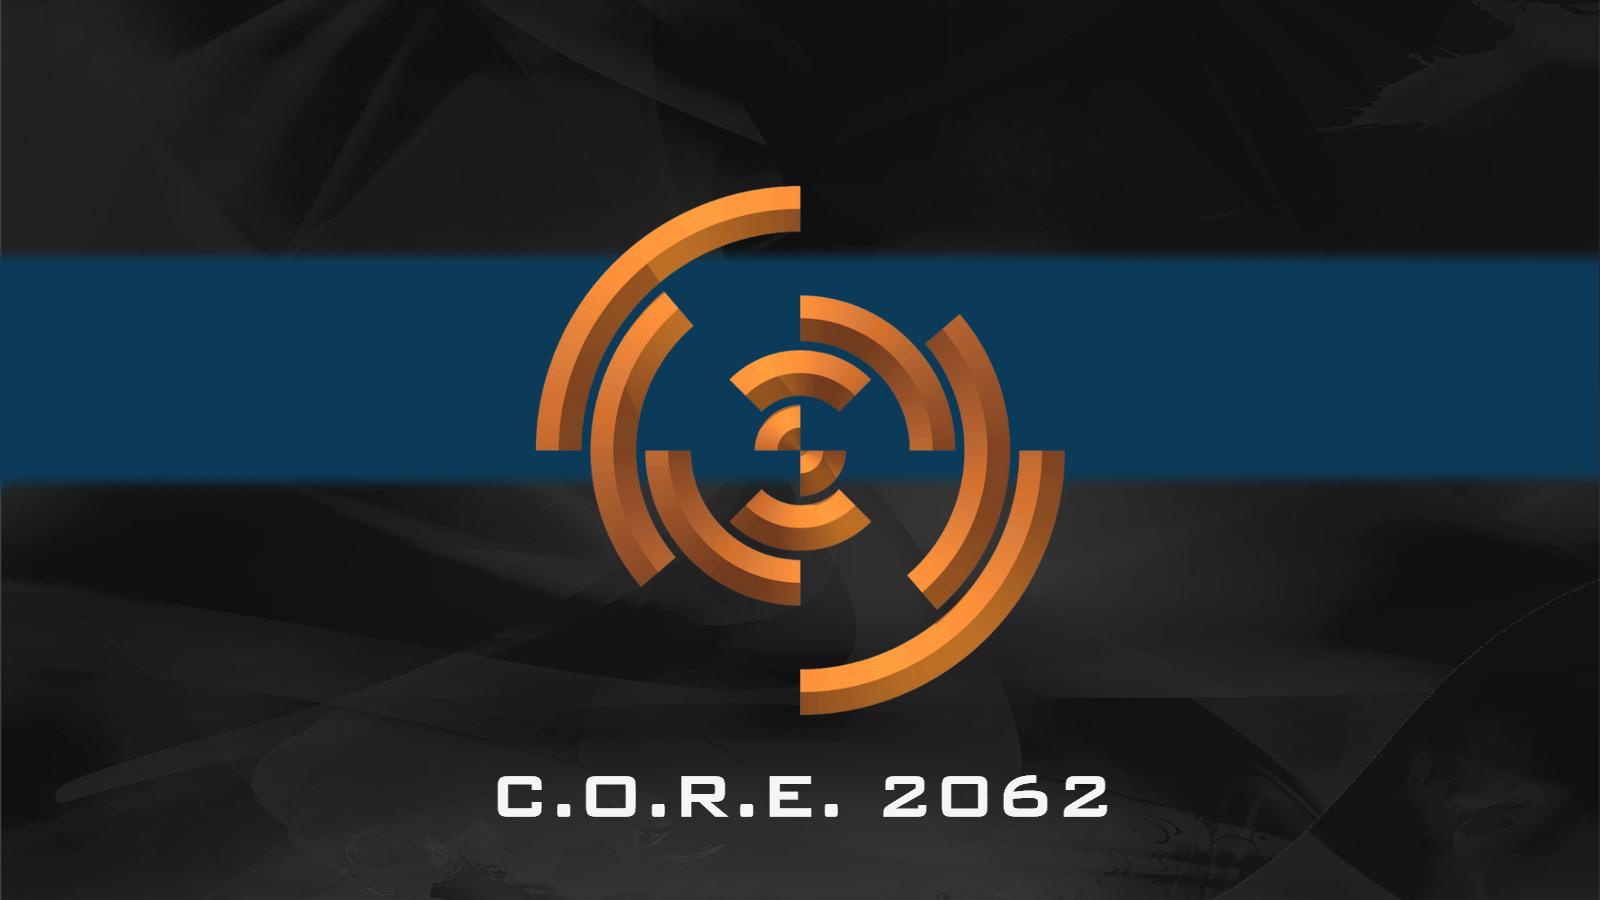 CORE 2062